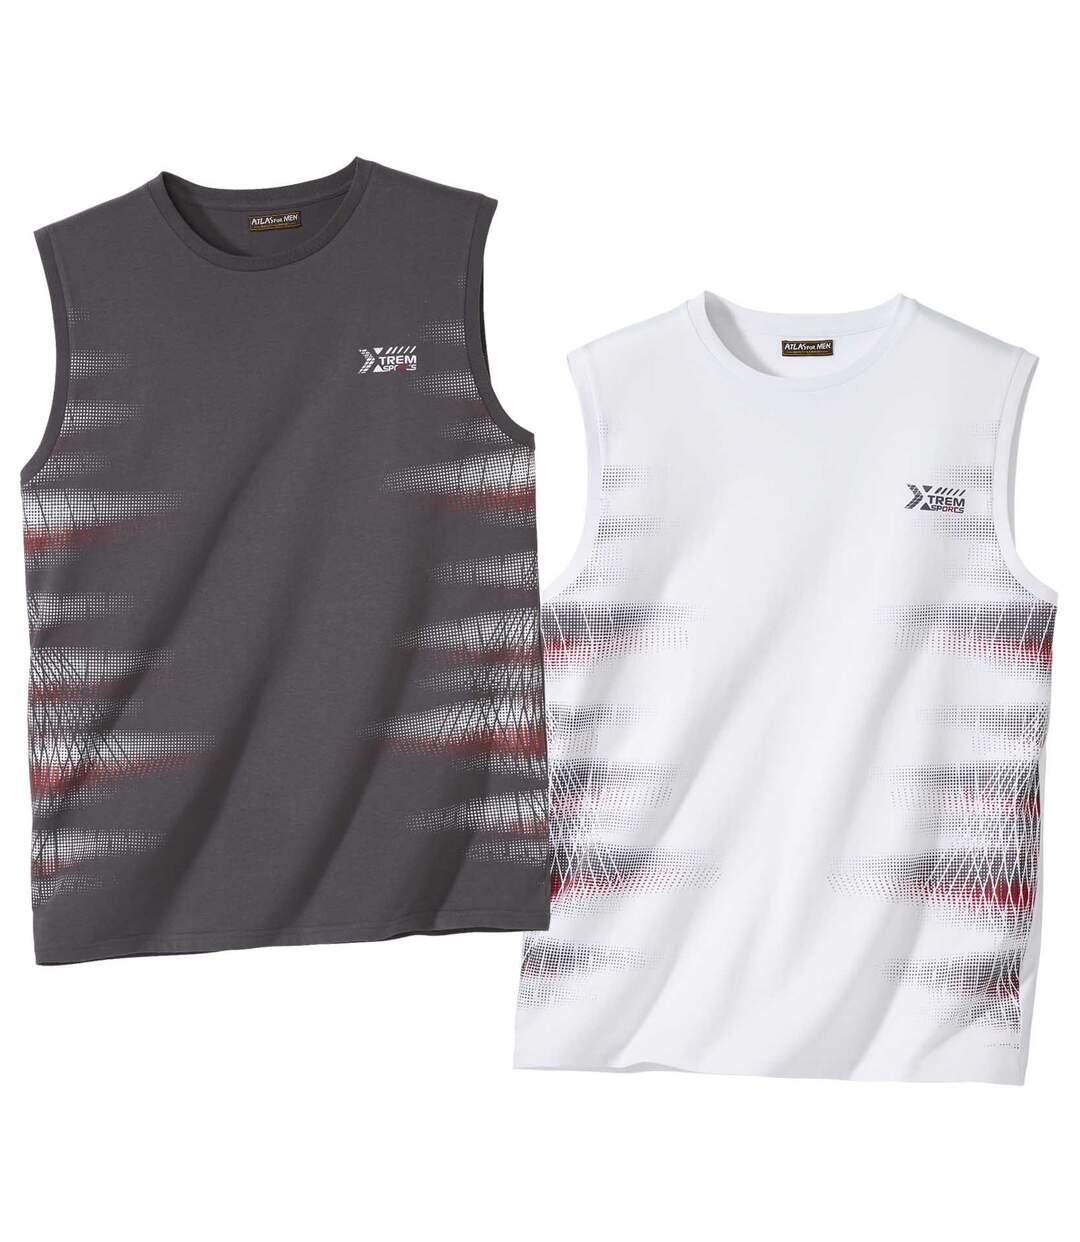 Zestaw 2 t-shirtów bez rękawów